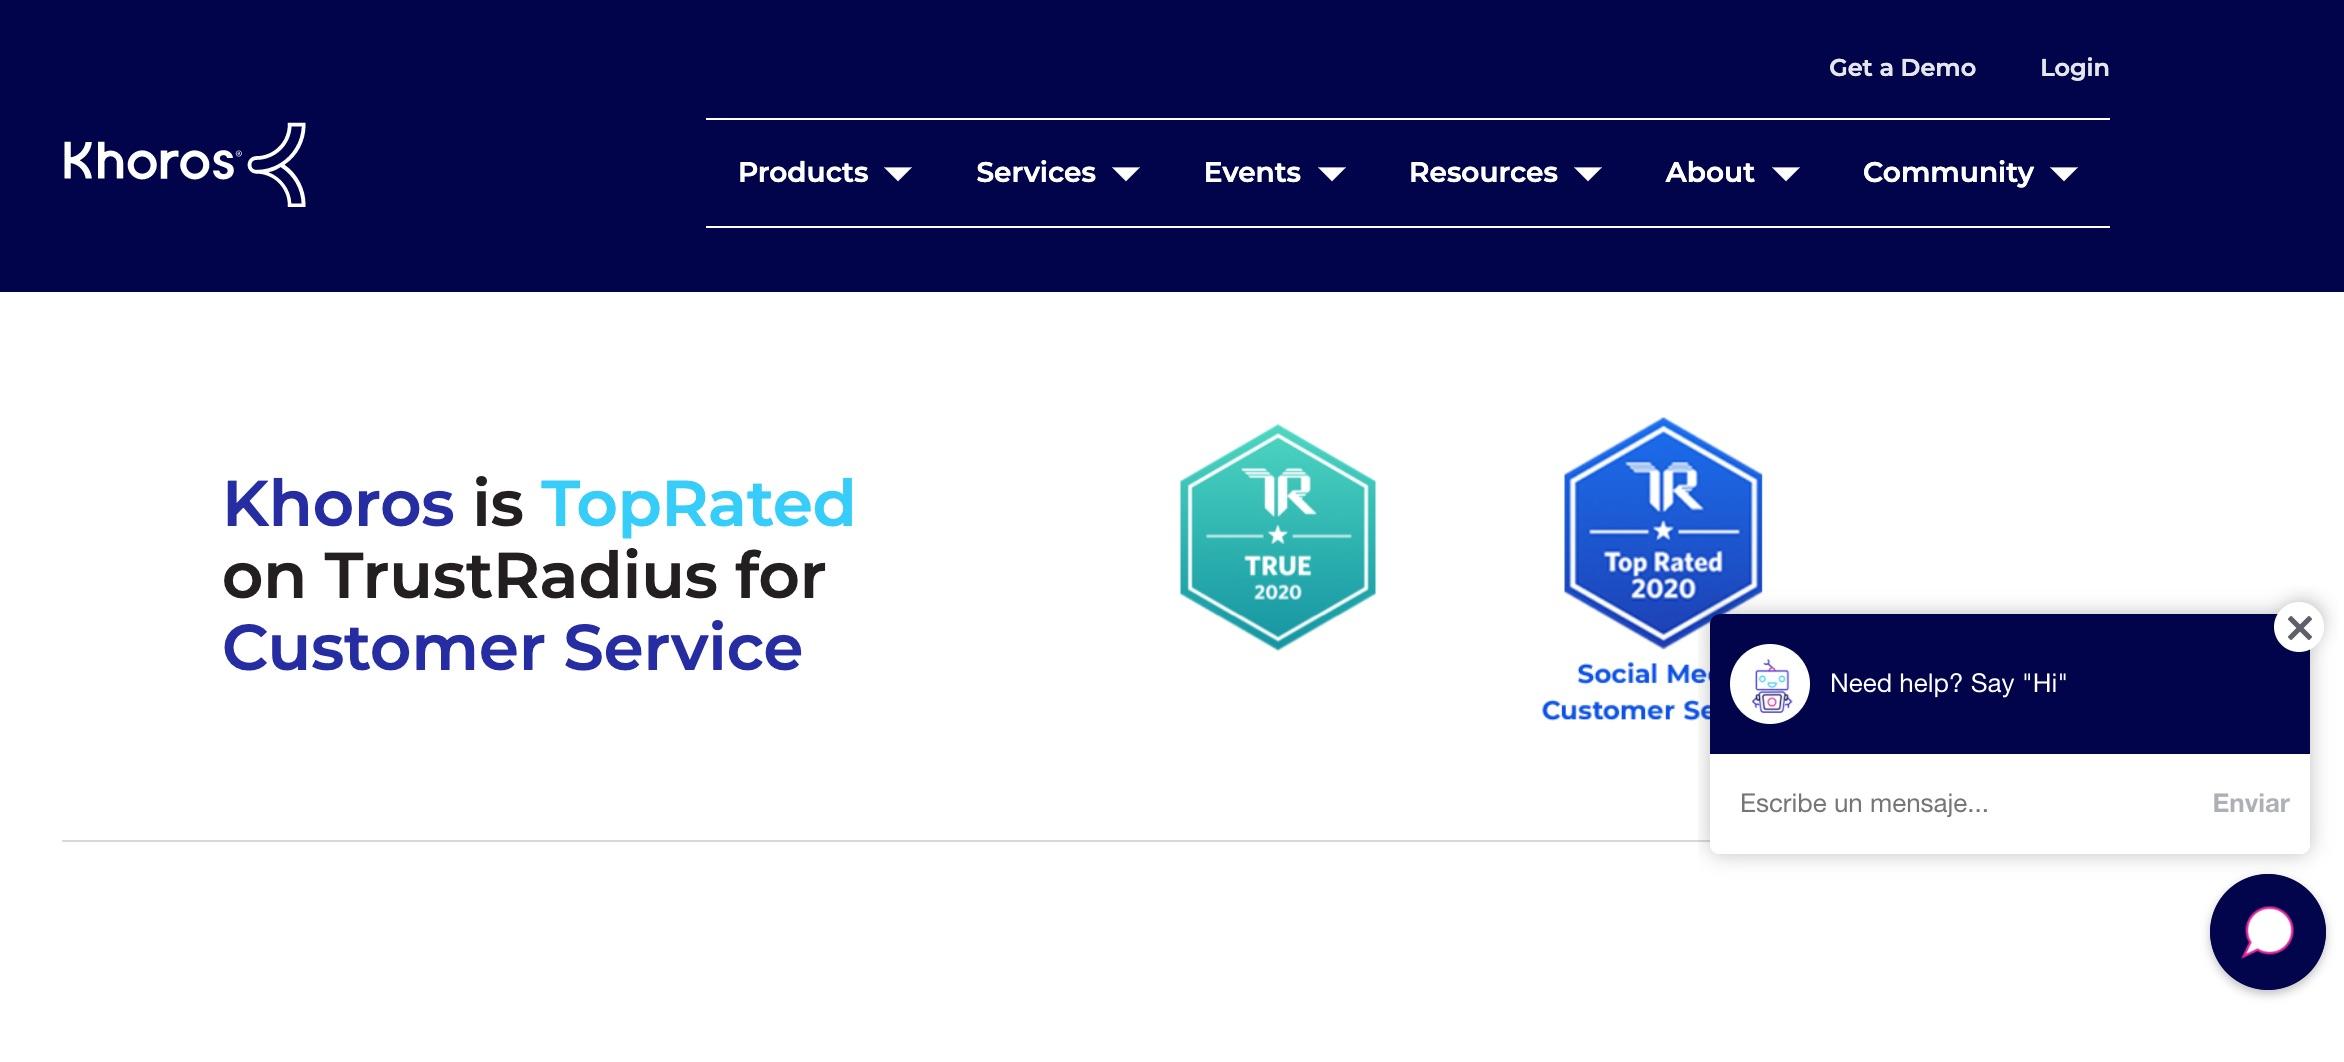 Herramienta para gestión de experiencia del cliente: Khoros